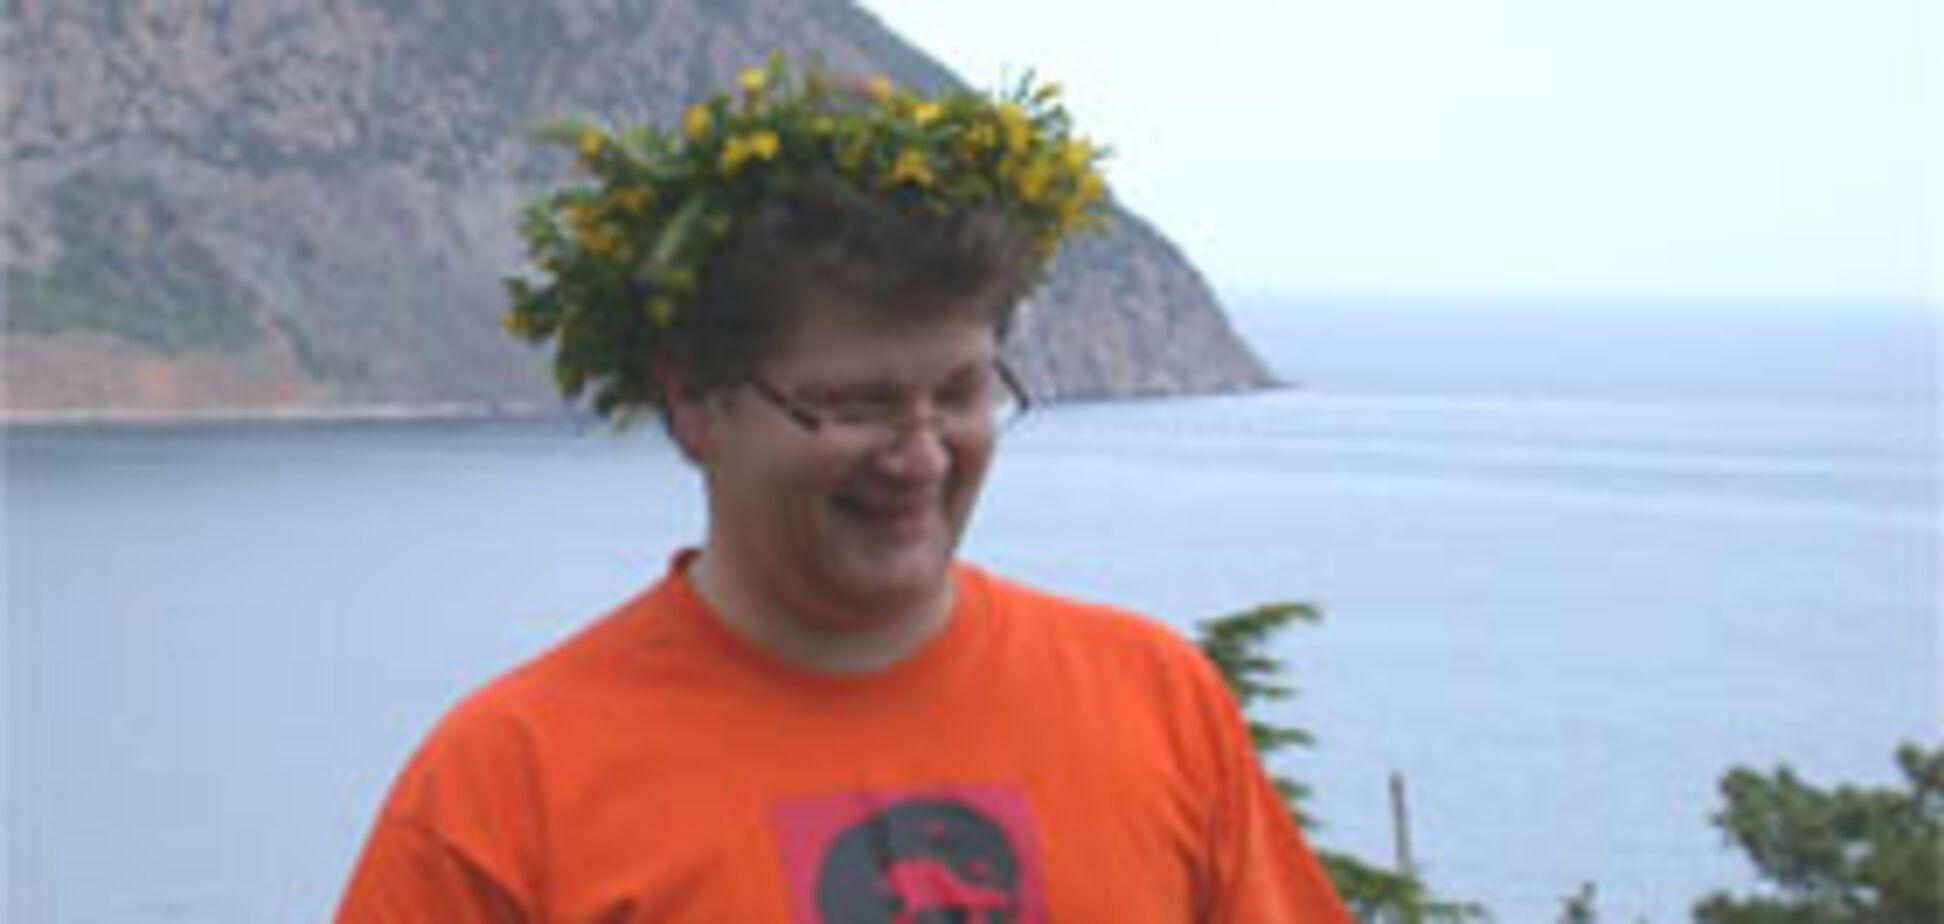 Тележурналіст Володимир Ар'єв: 'У 1991 році я писав листівки кульковою ручкою!'